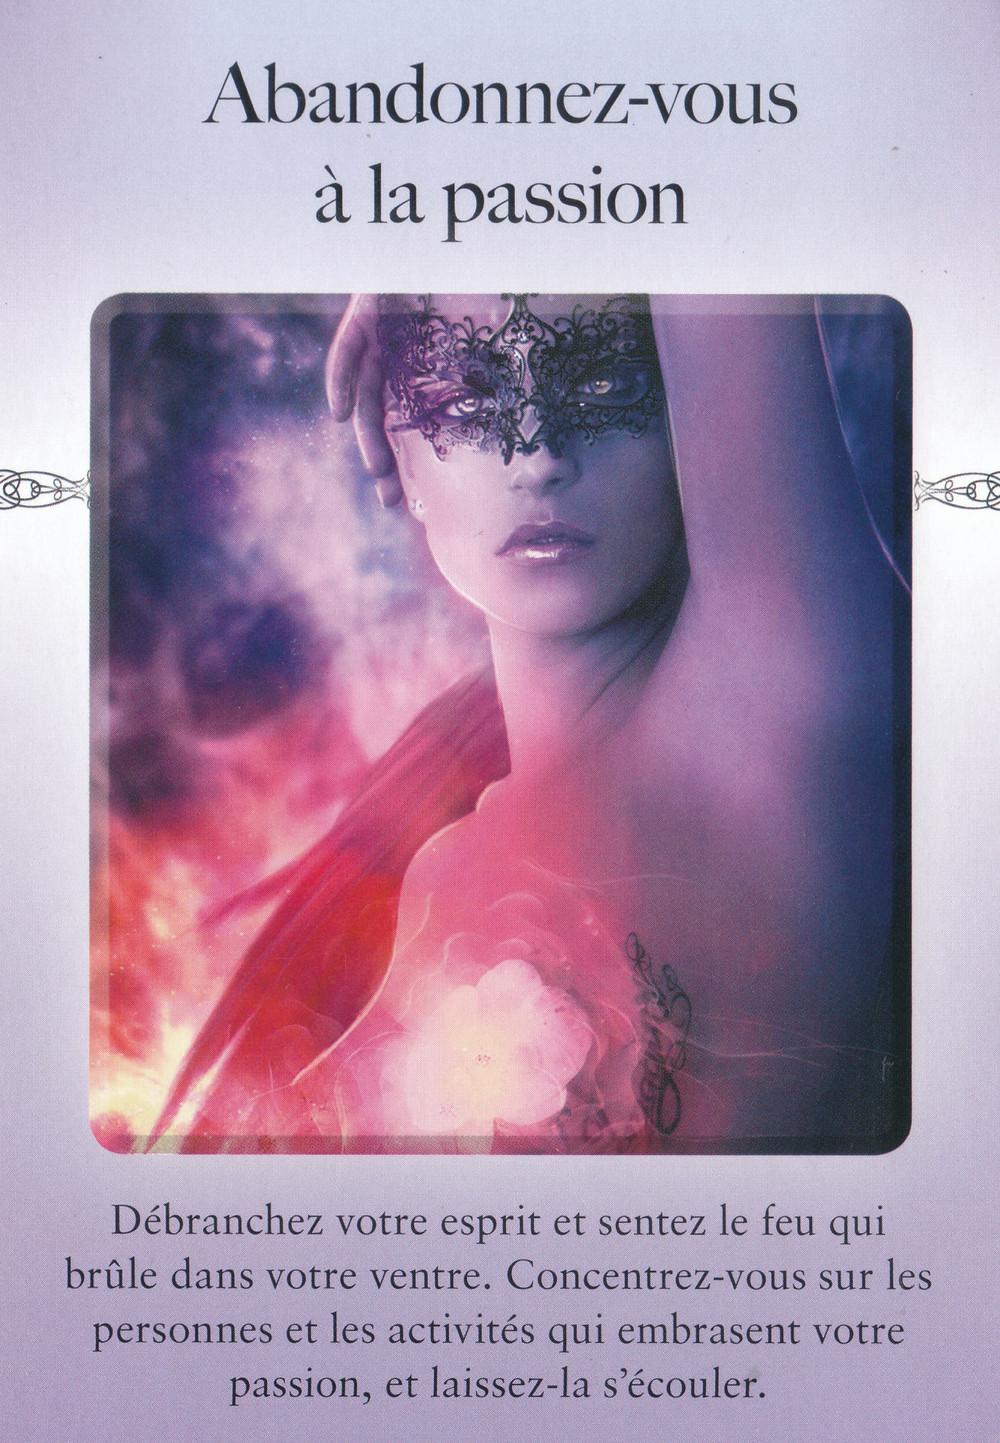 Carte de l'Oracle Le Pouvoir du lâcher prise de Judith Orloff - Abandonnez vous à la passion - Energies du 27 juillet au 2 août 2020 : Nouveau cycle de Communion Créatrice !